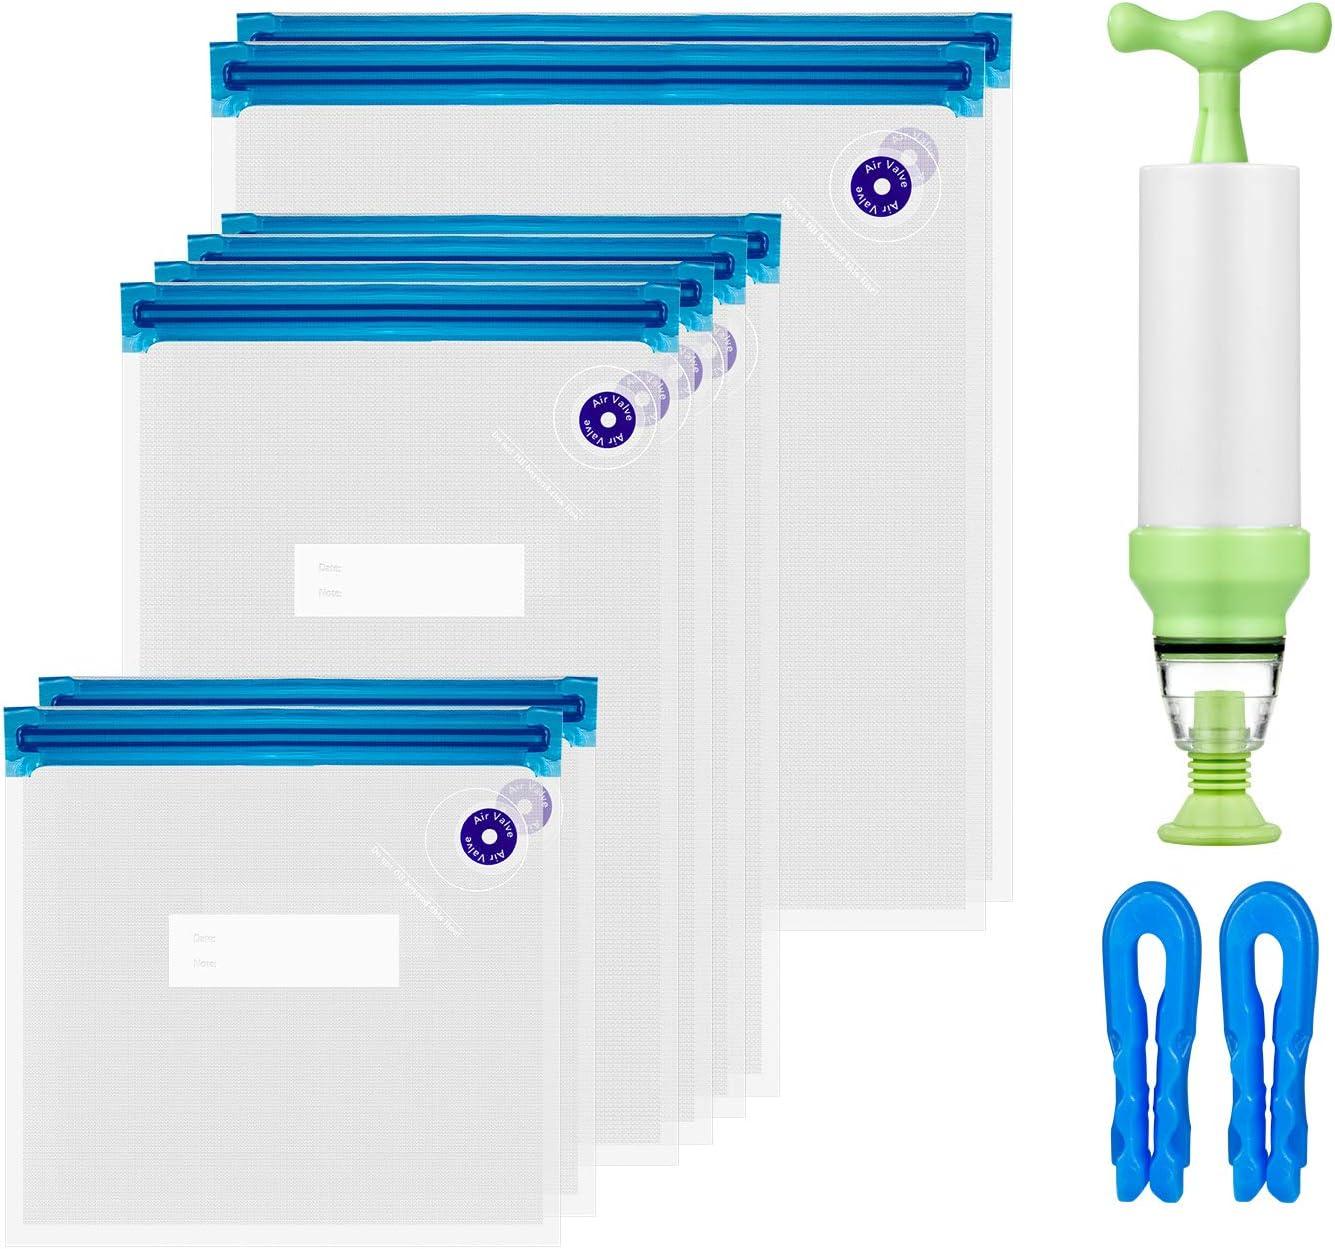 ZWOOS Sous Vide Bolsas, 8 Paquetes (3 tamaños) Selladas al vacío de Alimentos sin BPA Reutilizables con Bomba Manual , 2 Clips de Sellado para almacenar Alimentos